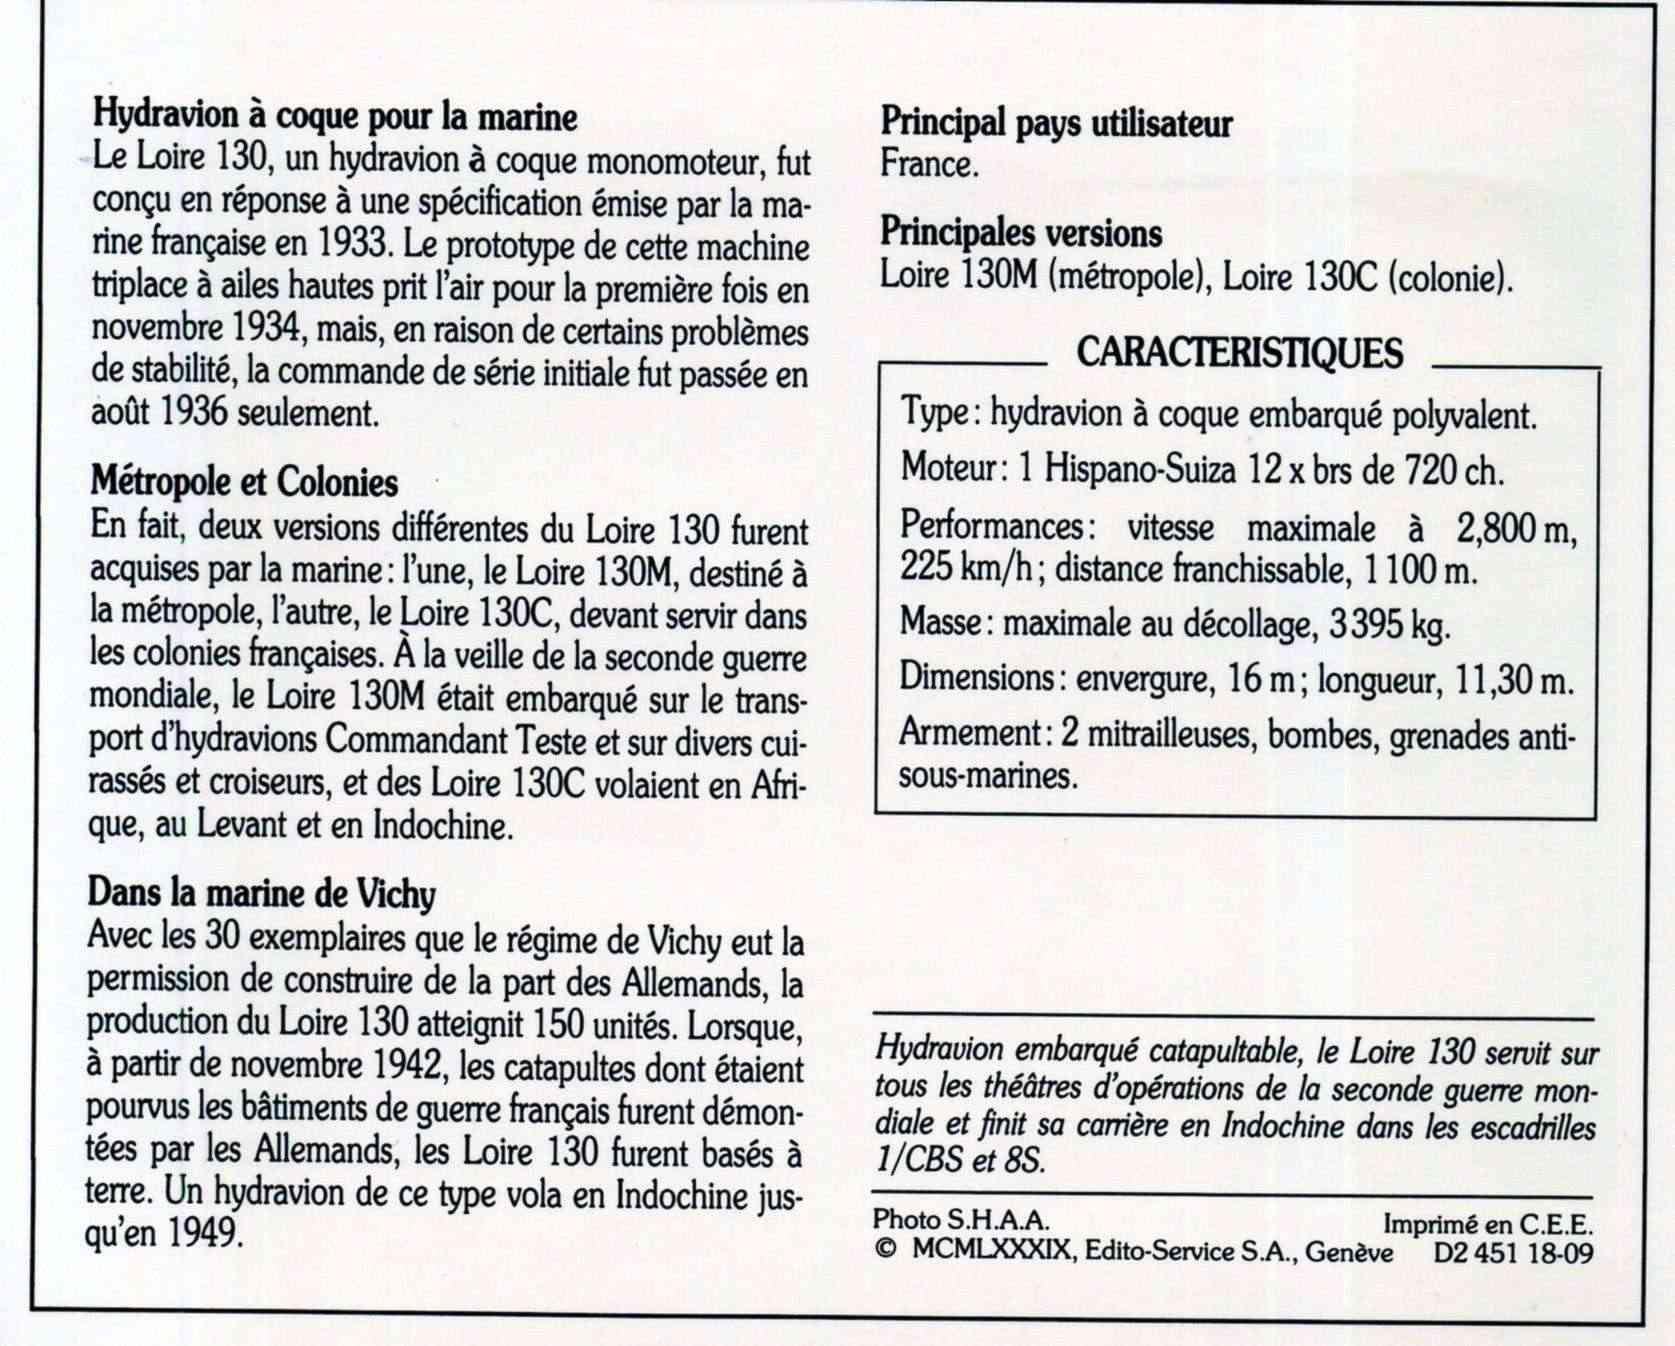 [Les anciens avions de l'aéro] HYDRAVION LOIRE 130 Loire_11